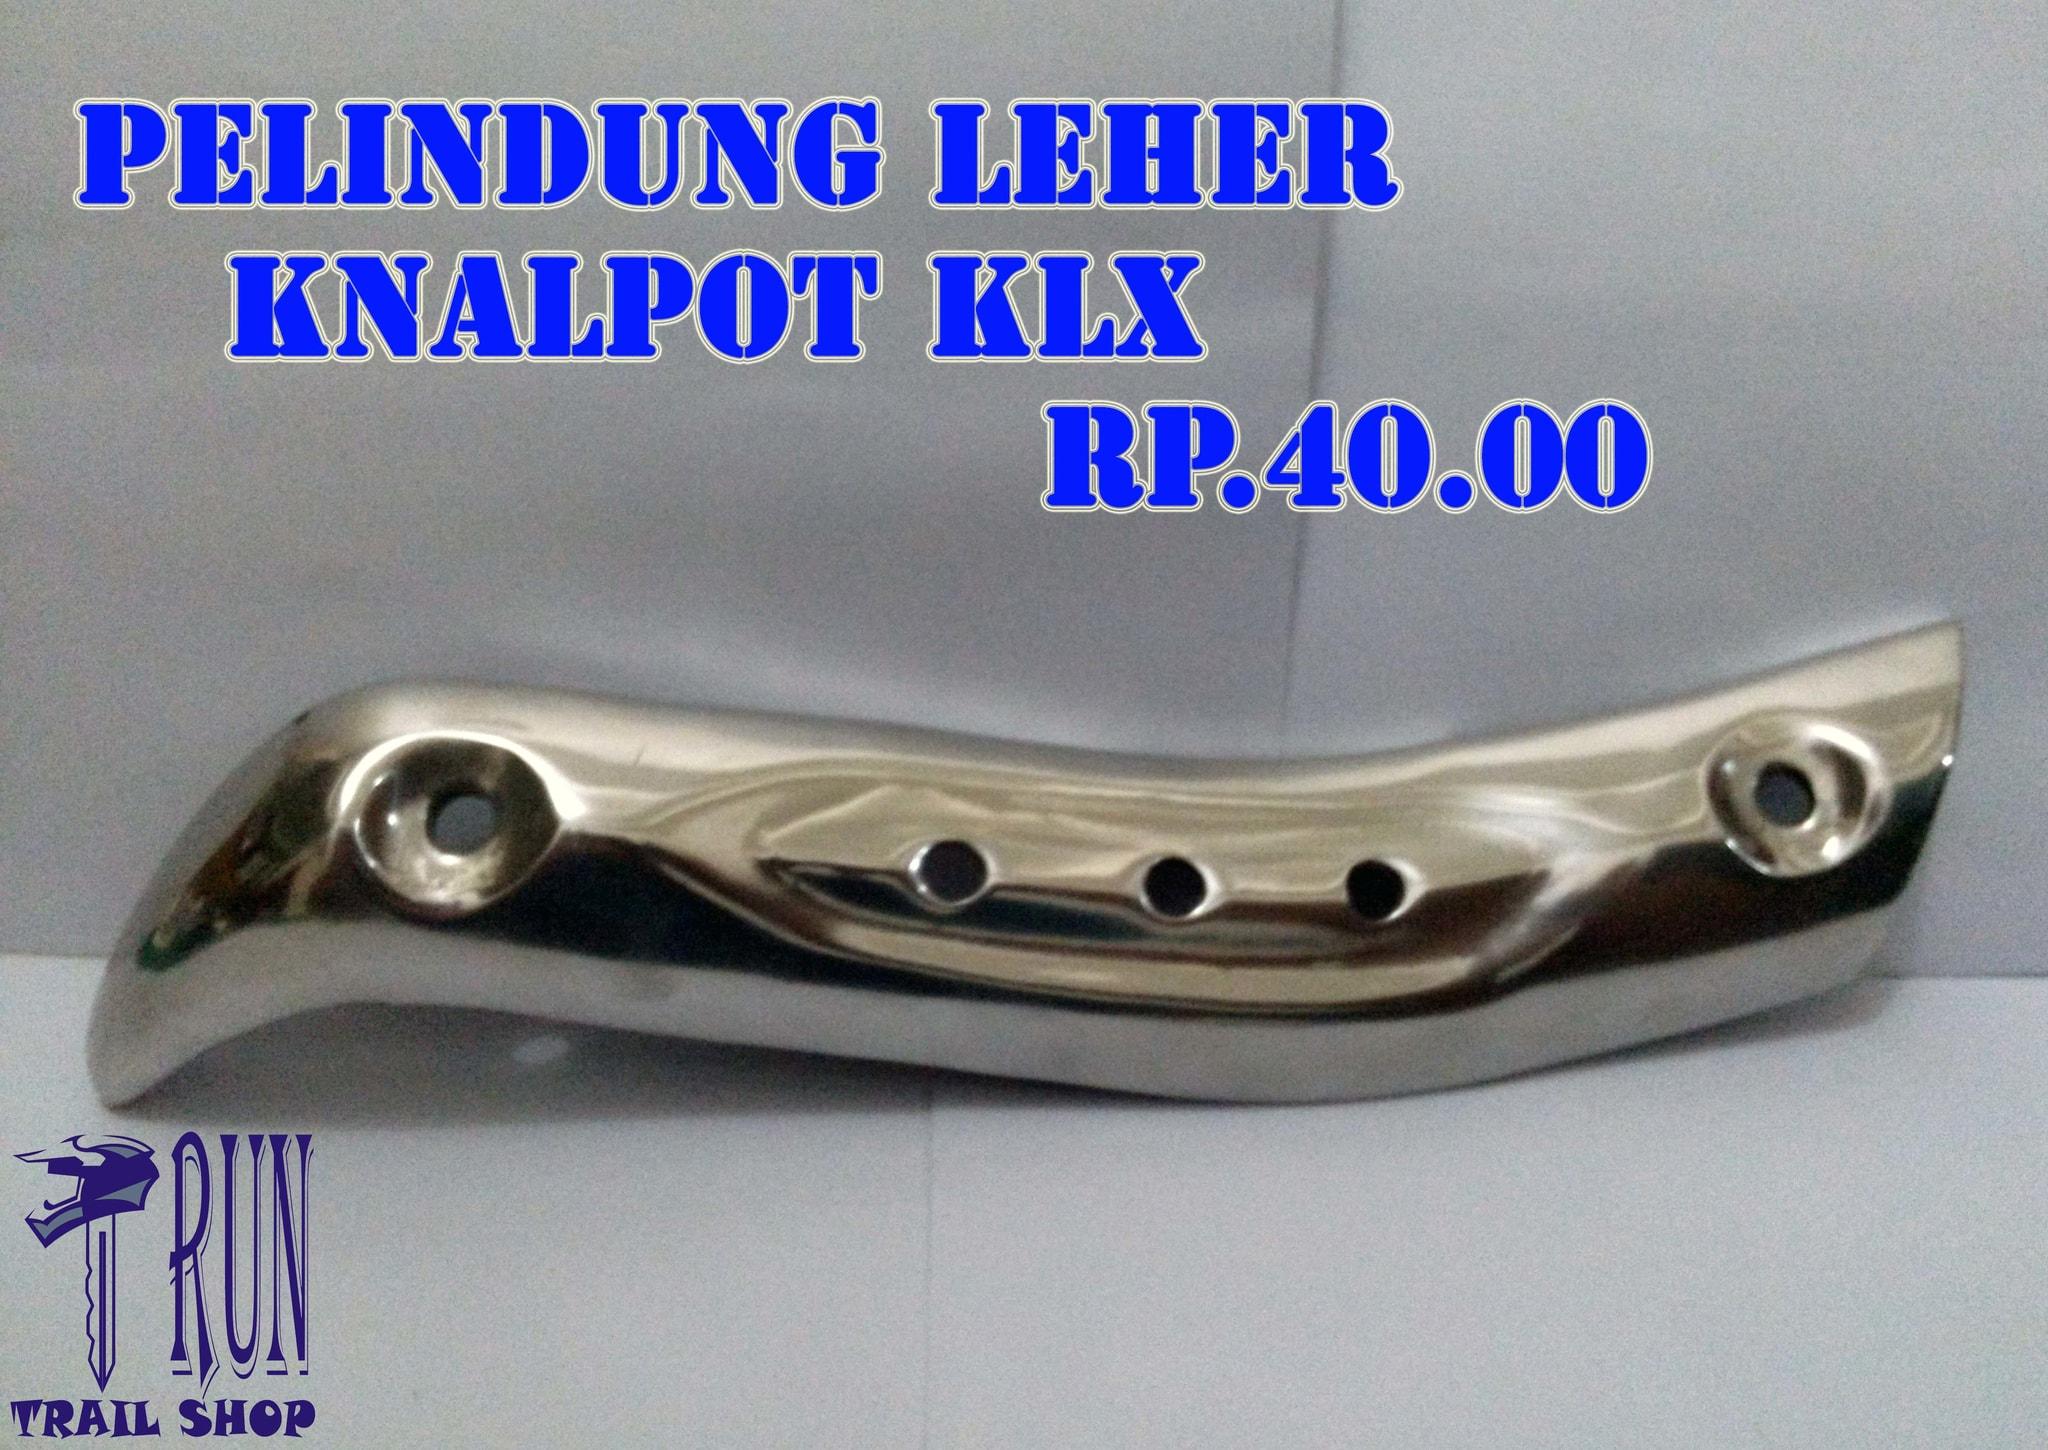 Jual Pelindung Leher Knalpot Motor Kawasaki KLX Alumunium